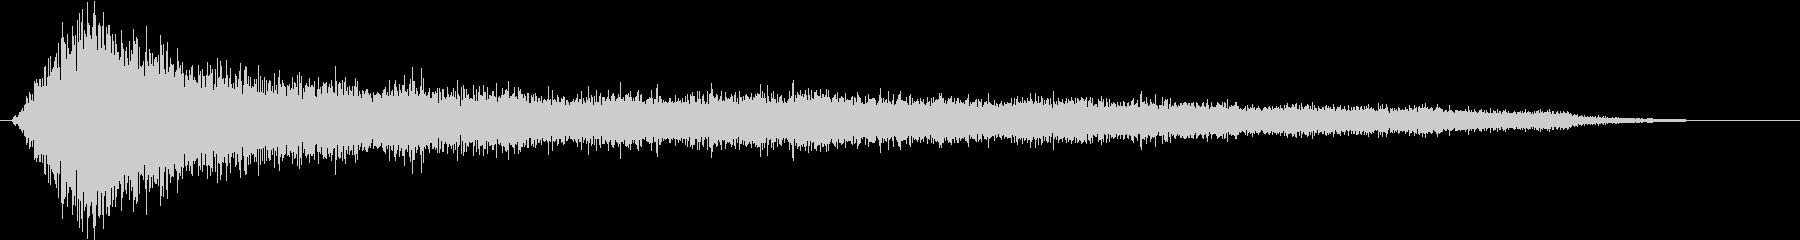 パーティクルインパクトテキストディゾルブの未再生の波形